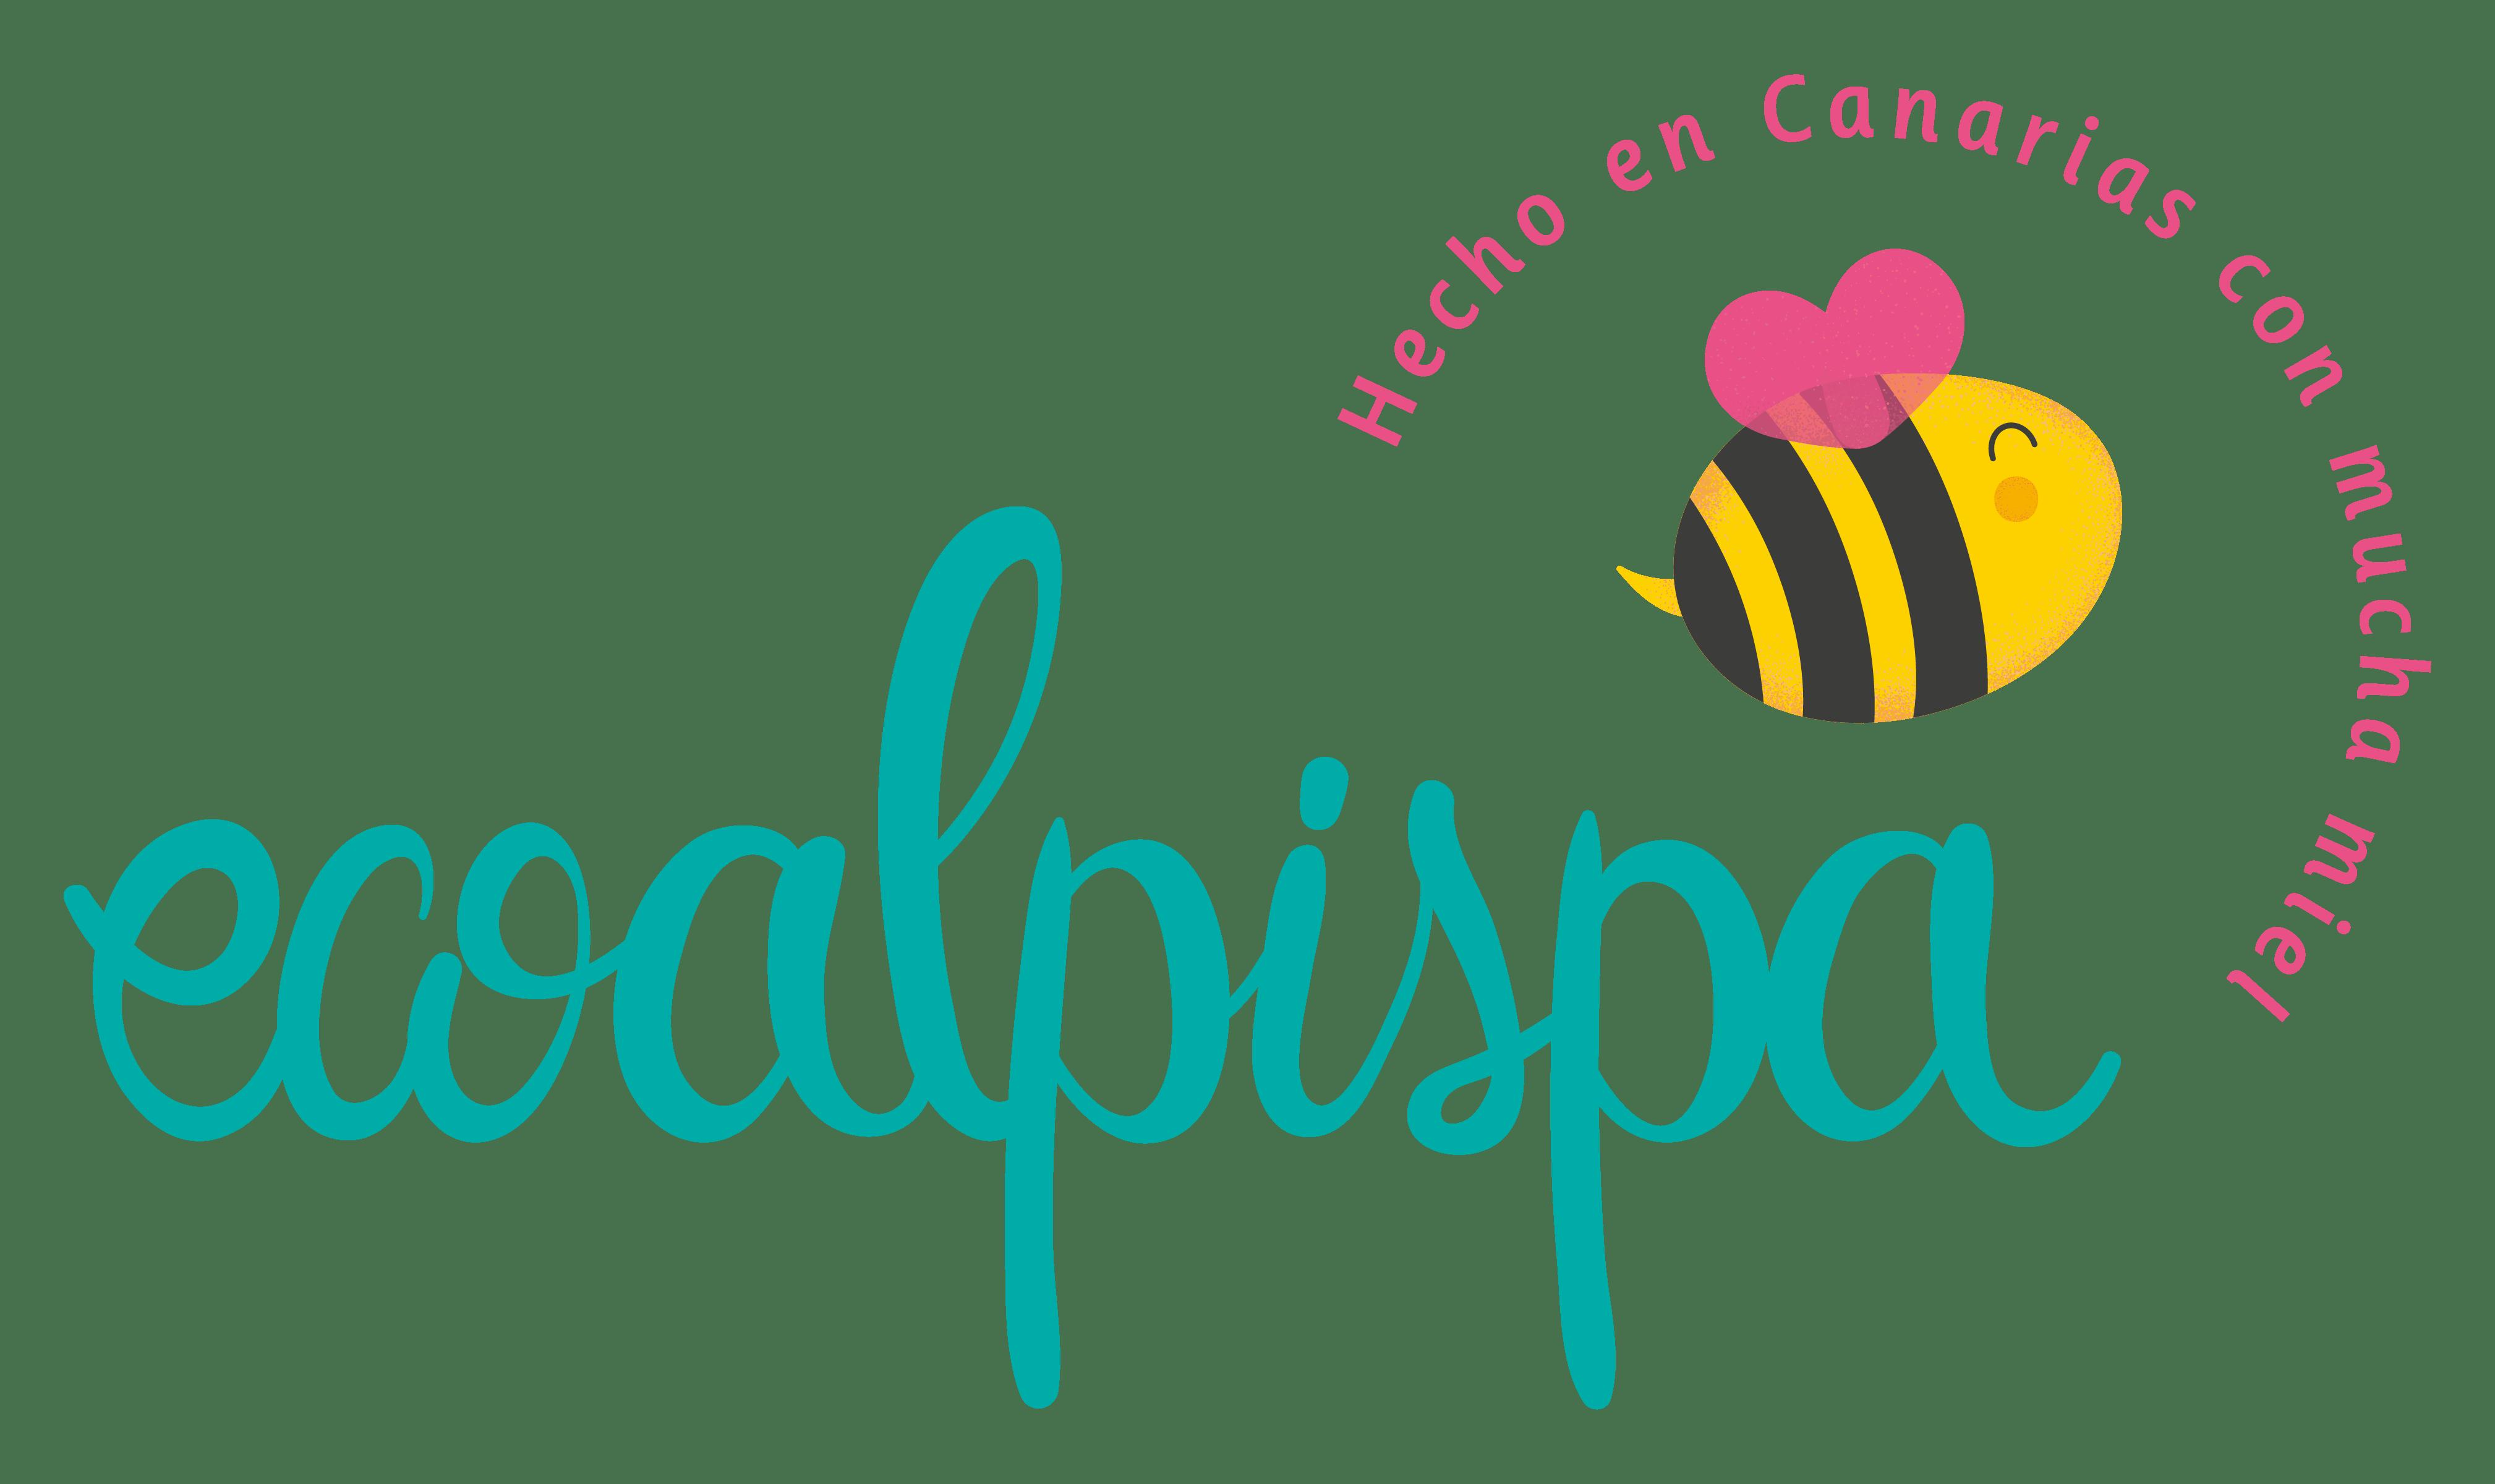 EcoAlpispa